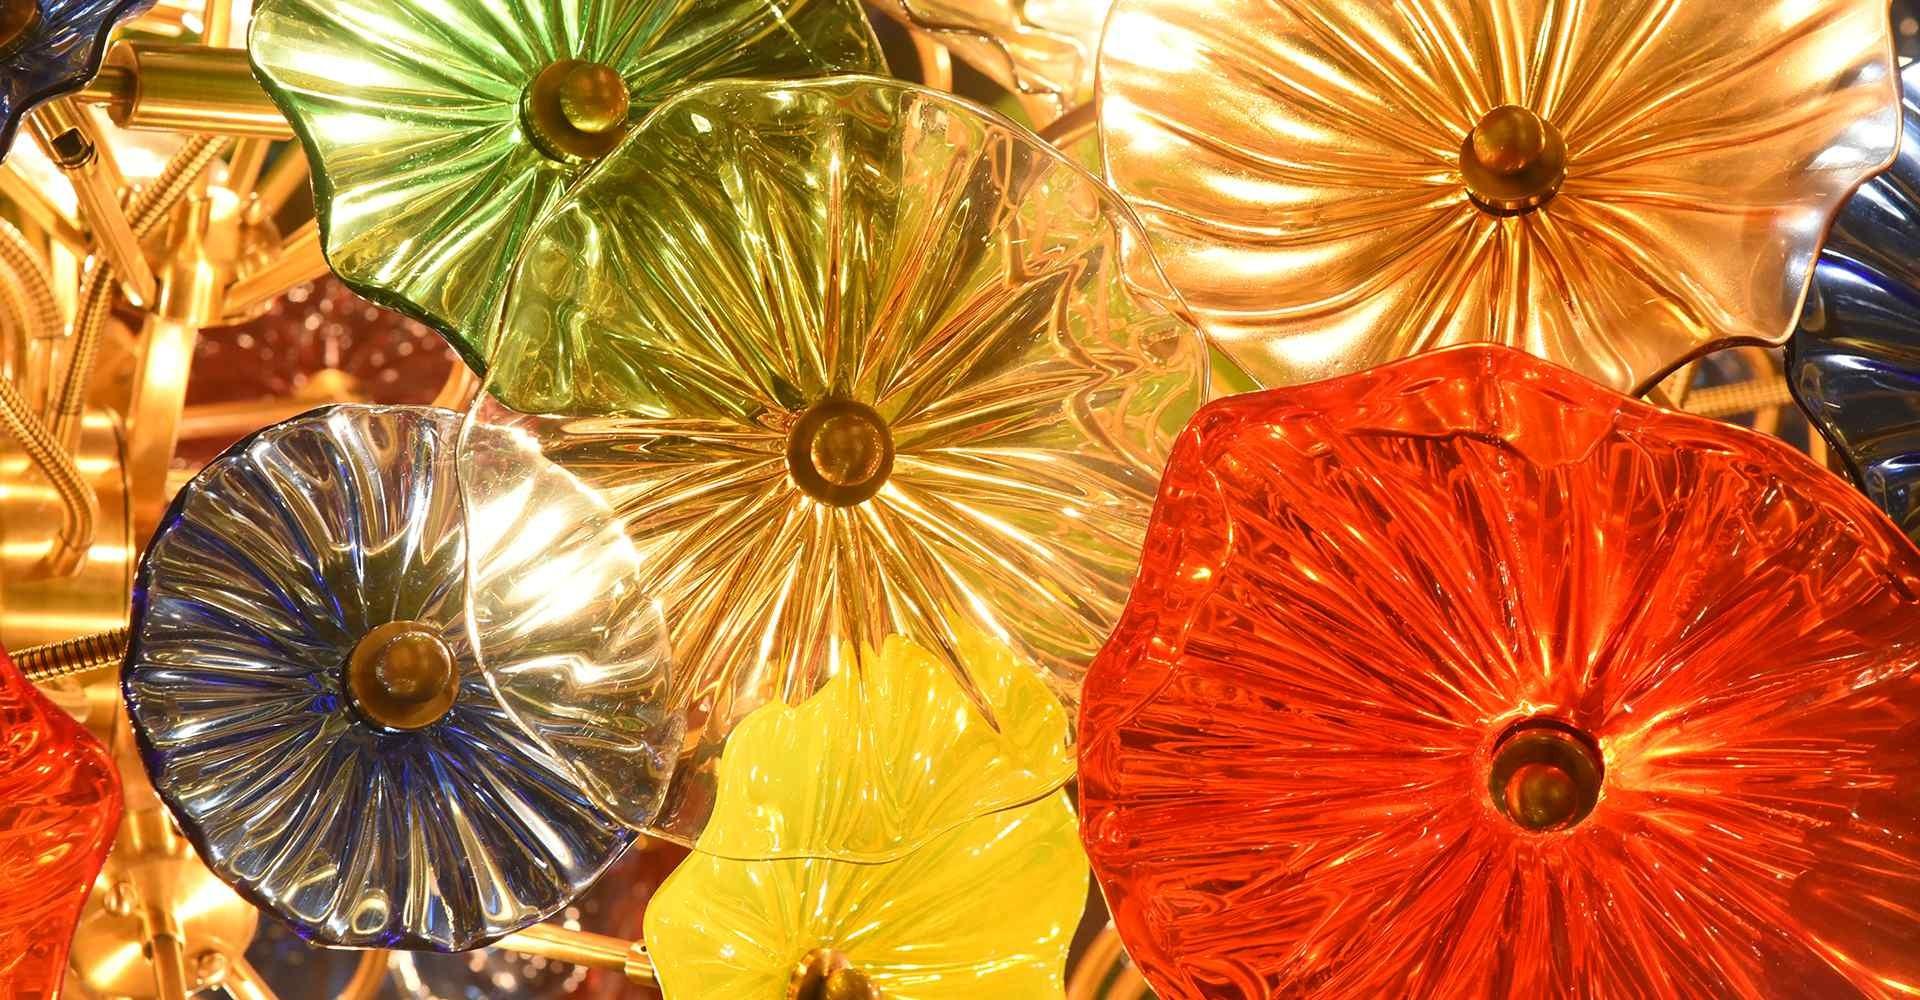 BIDANLI LIGHTING-Color Hand-formed Glass